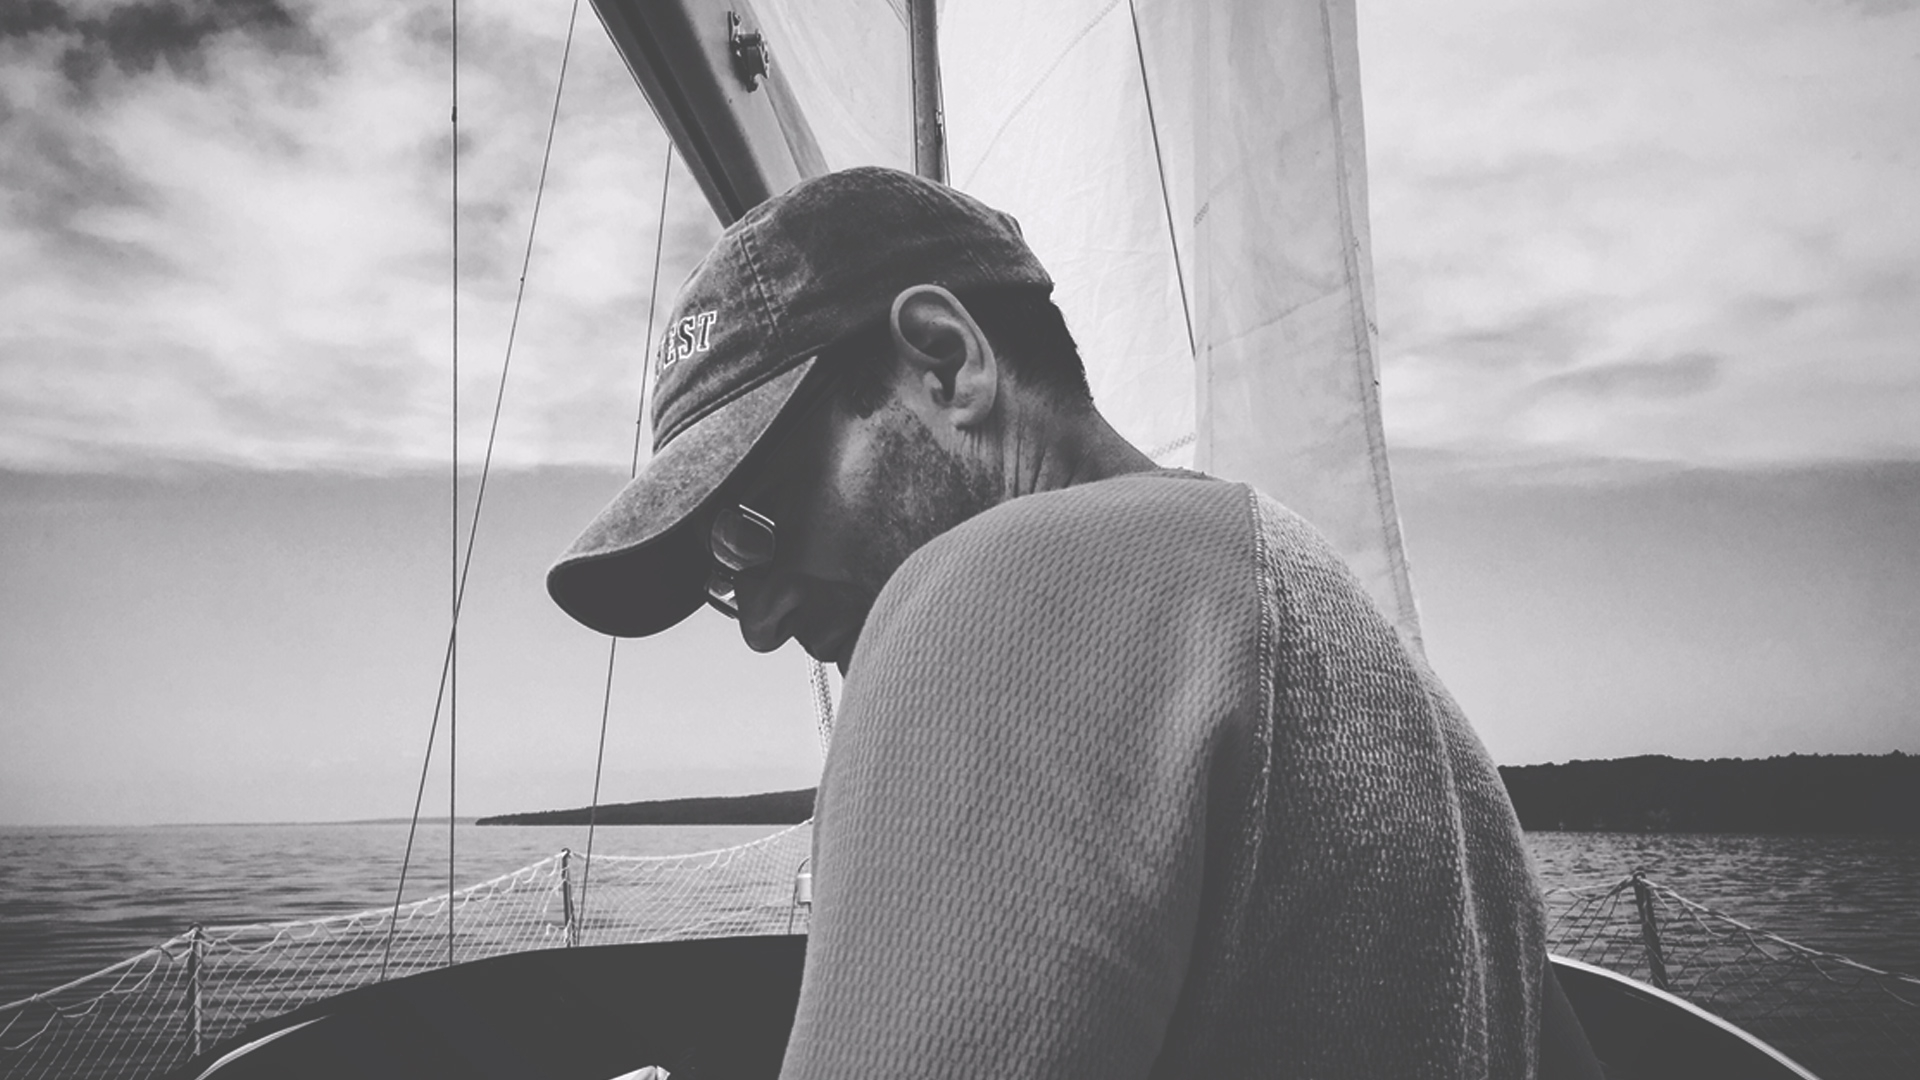 Man on sail boat